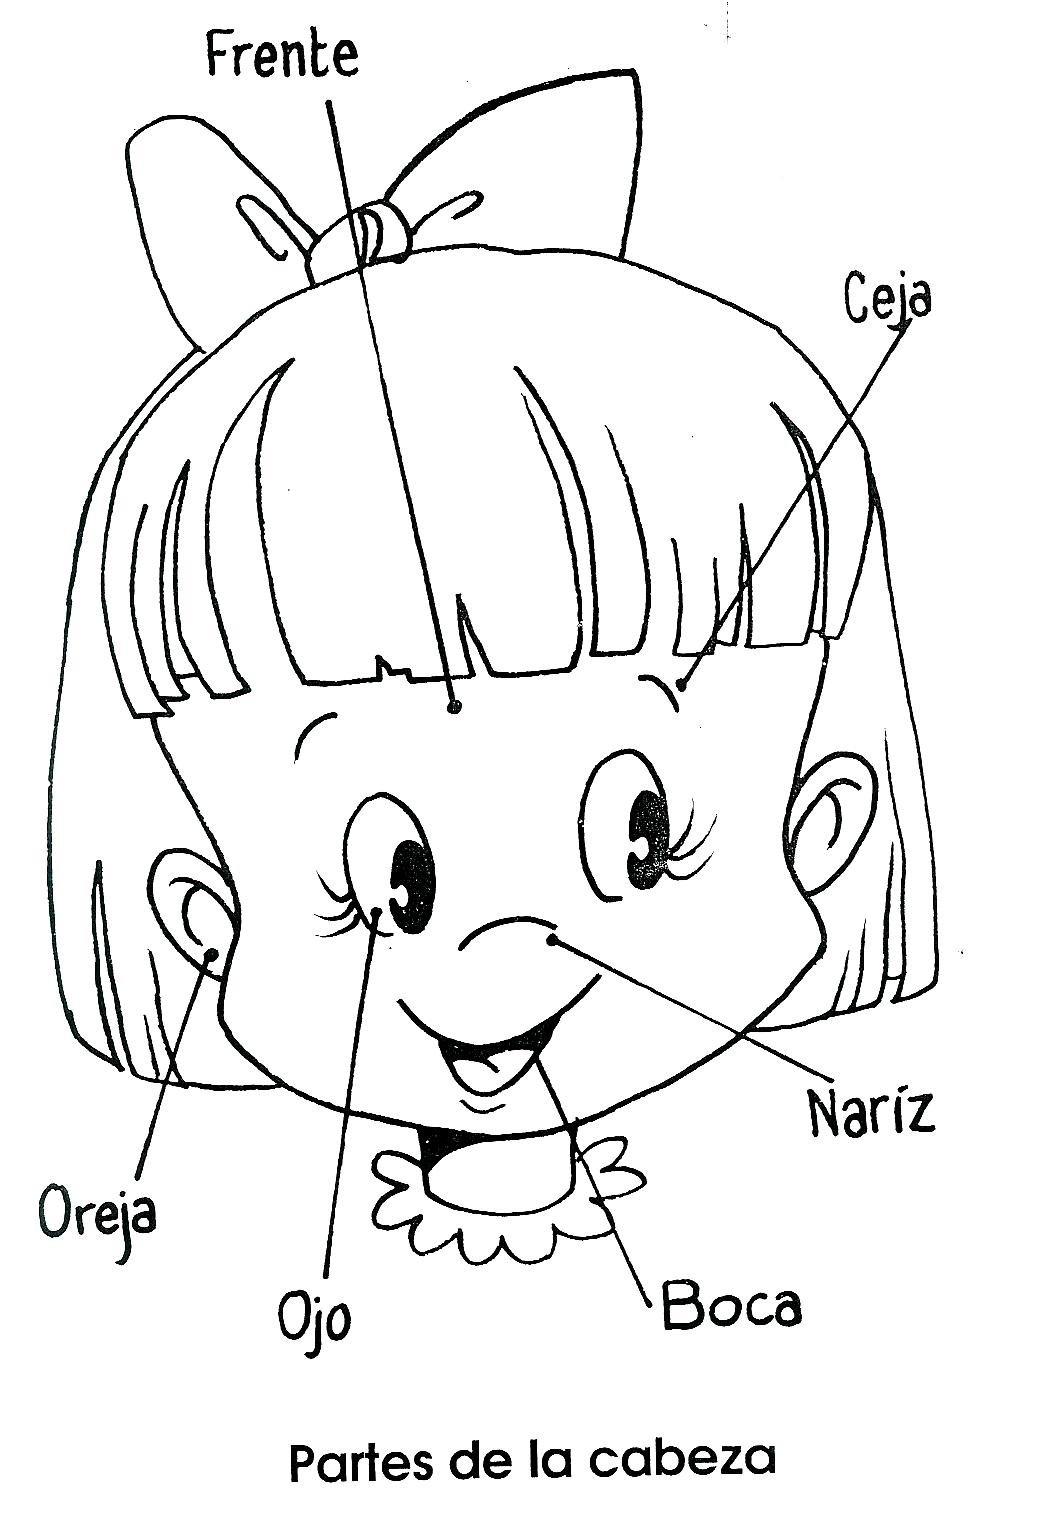 Partes de la cara para dibujar - Imagui